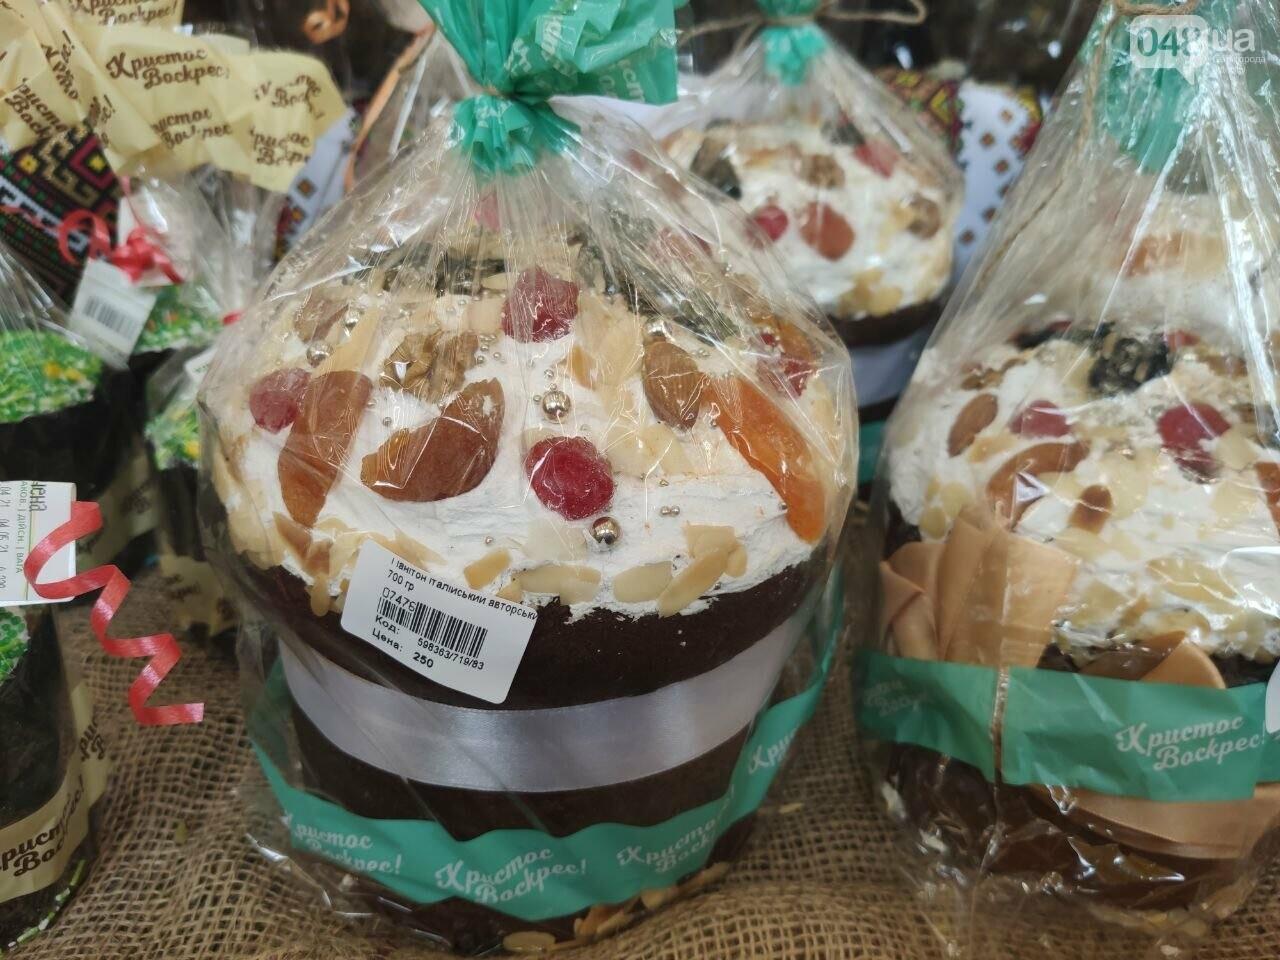 Сколько стоят пасхальные куличи и крашенные яйца в магазинах Одессы, - ФОТО, фото-7